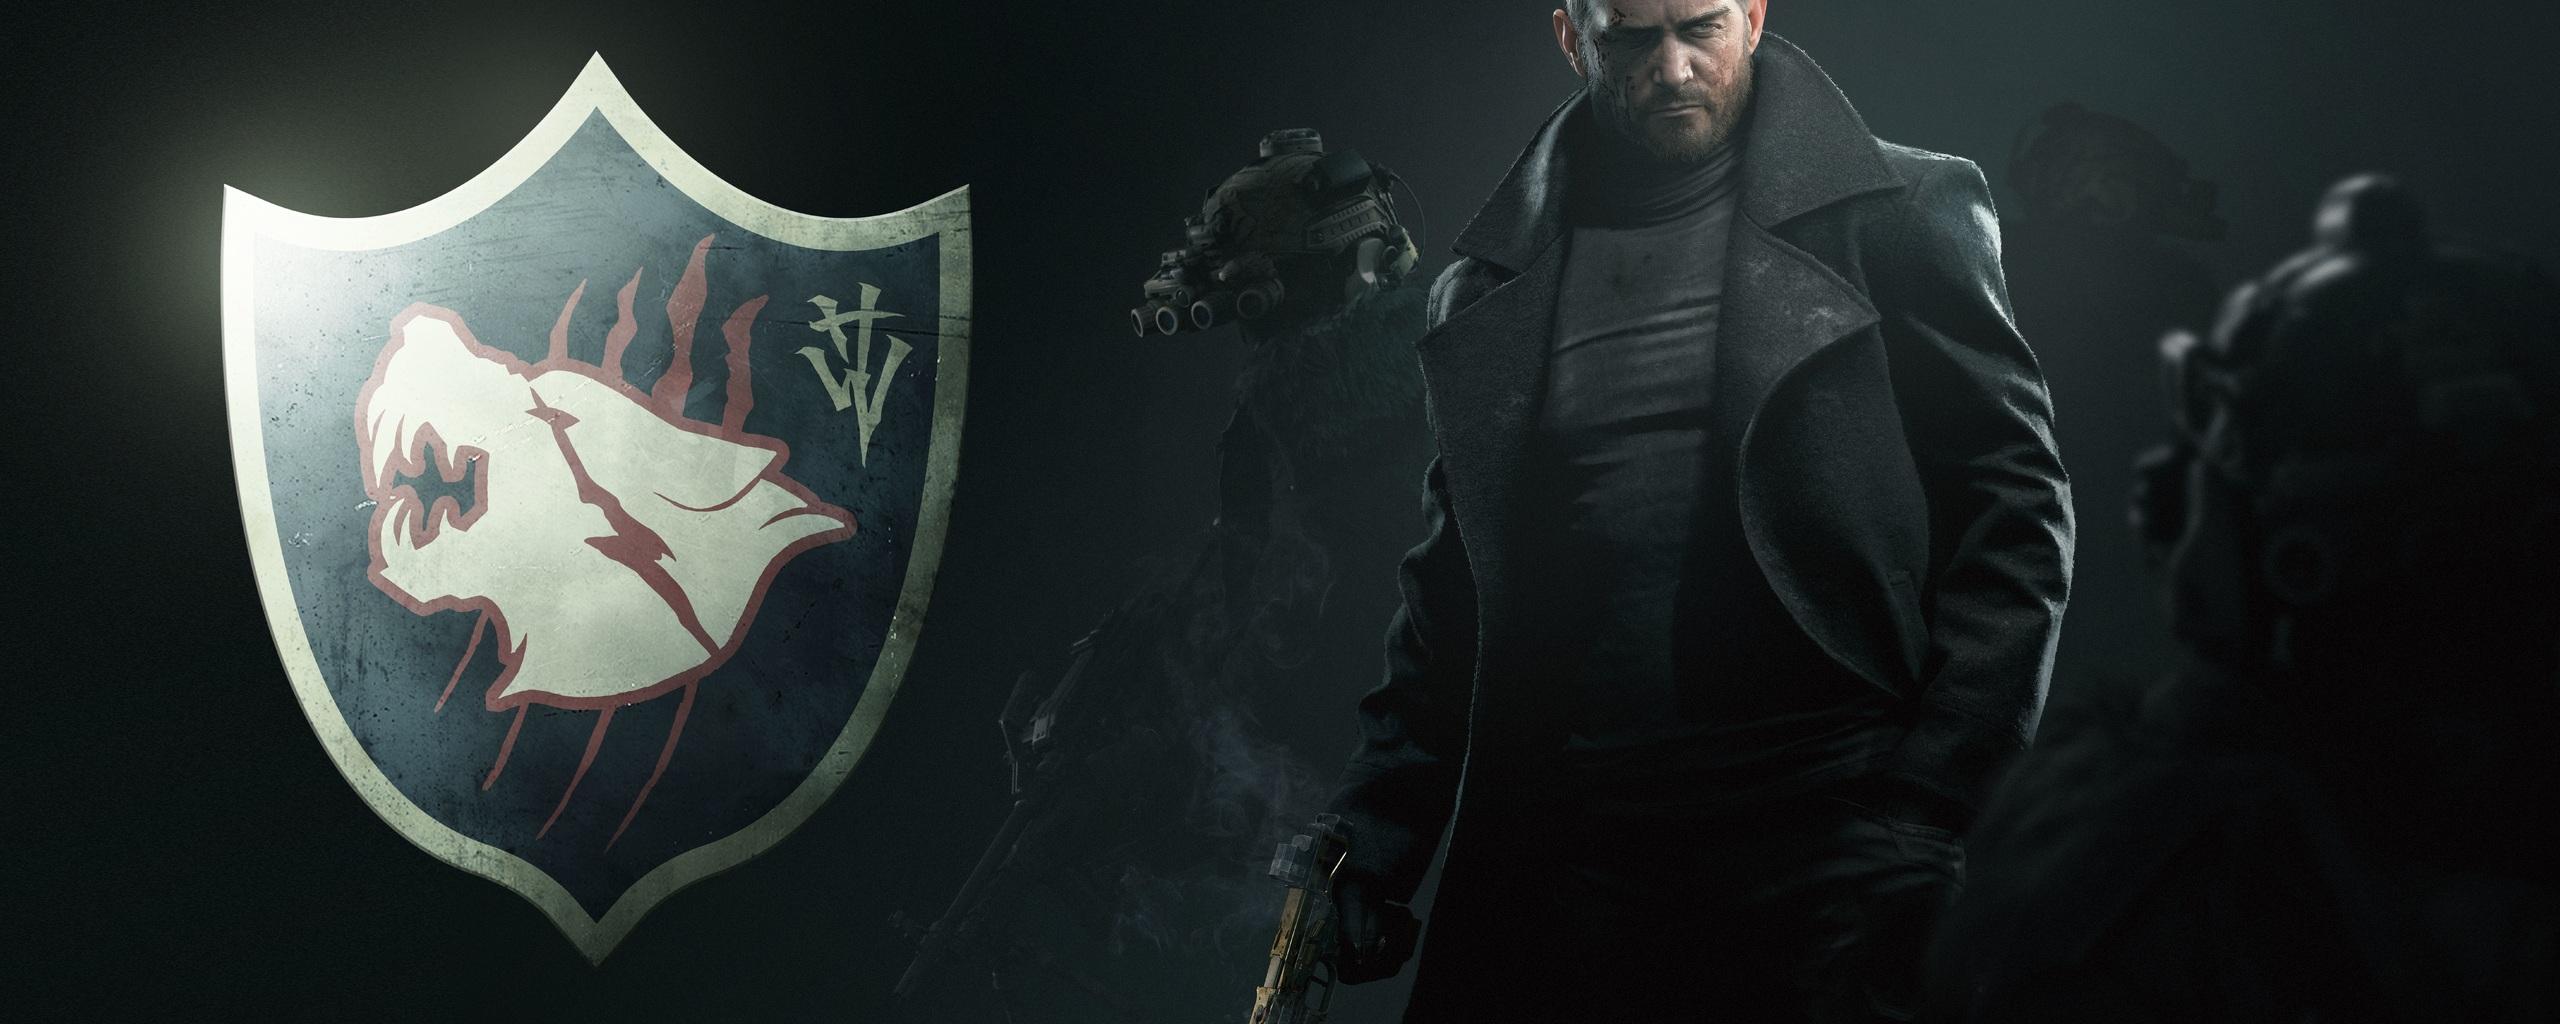 resident-evil-village-2021-aw.jpg